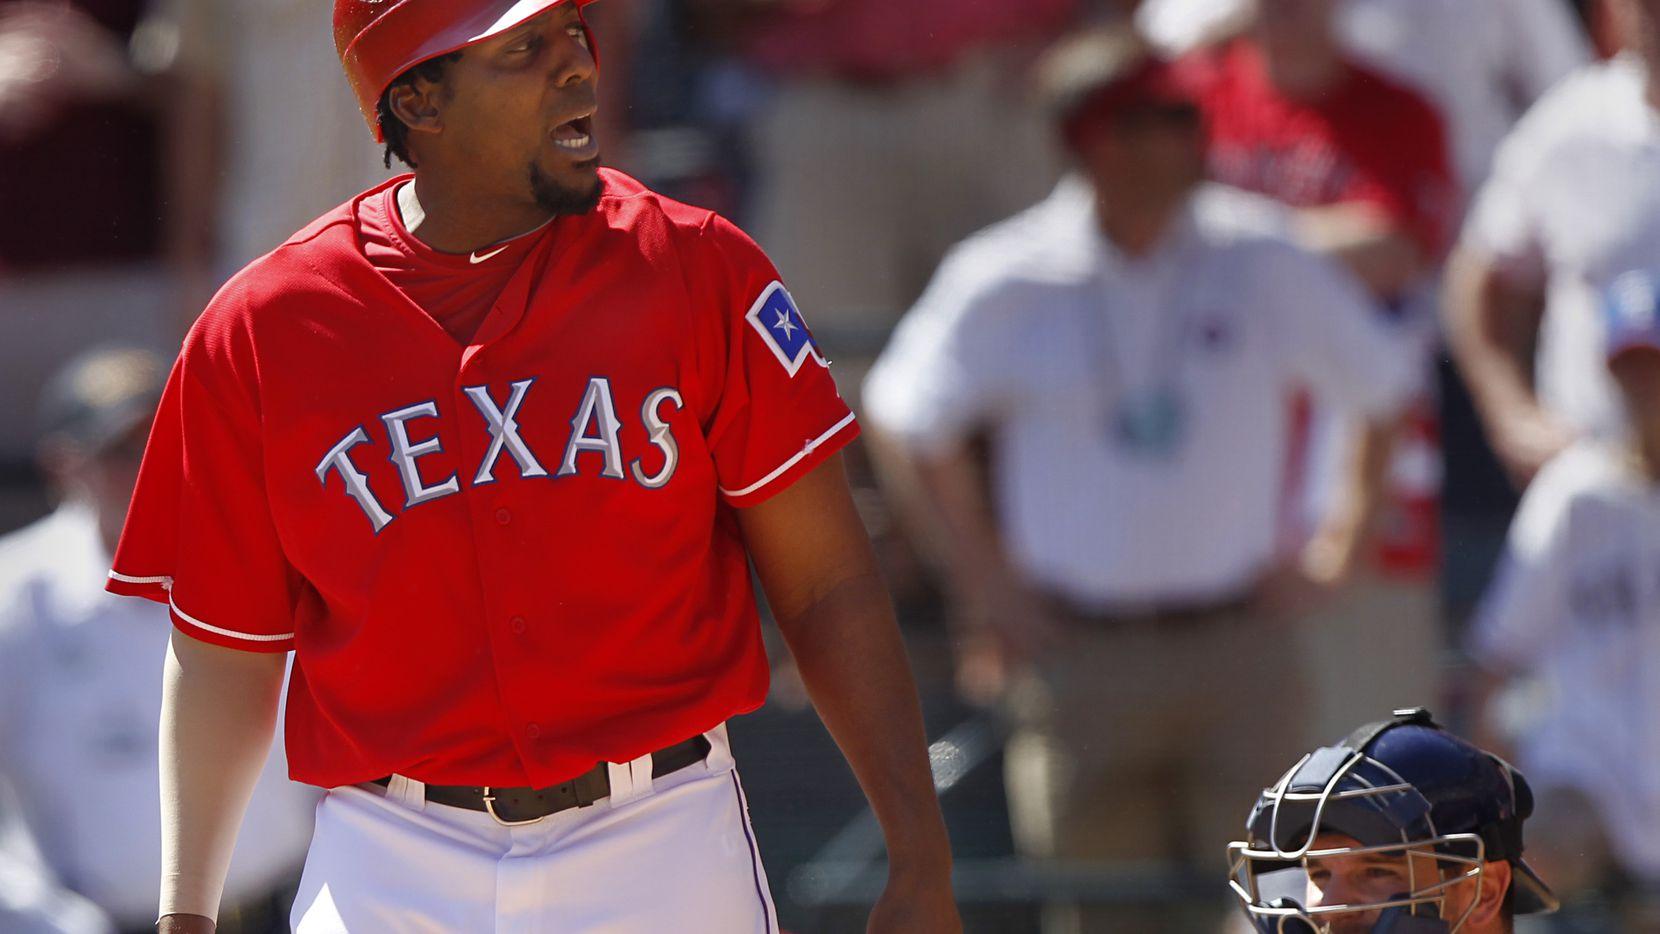 Vladimir Guerrero jugó con los Texas Rangers en la temporada 2010 de MLB. Foto DMN